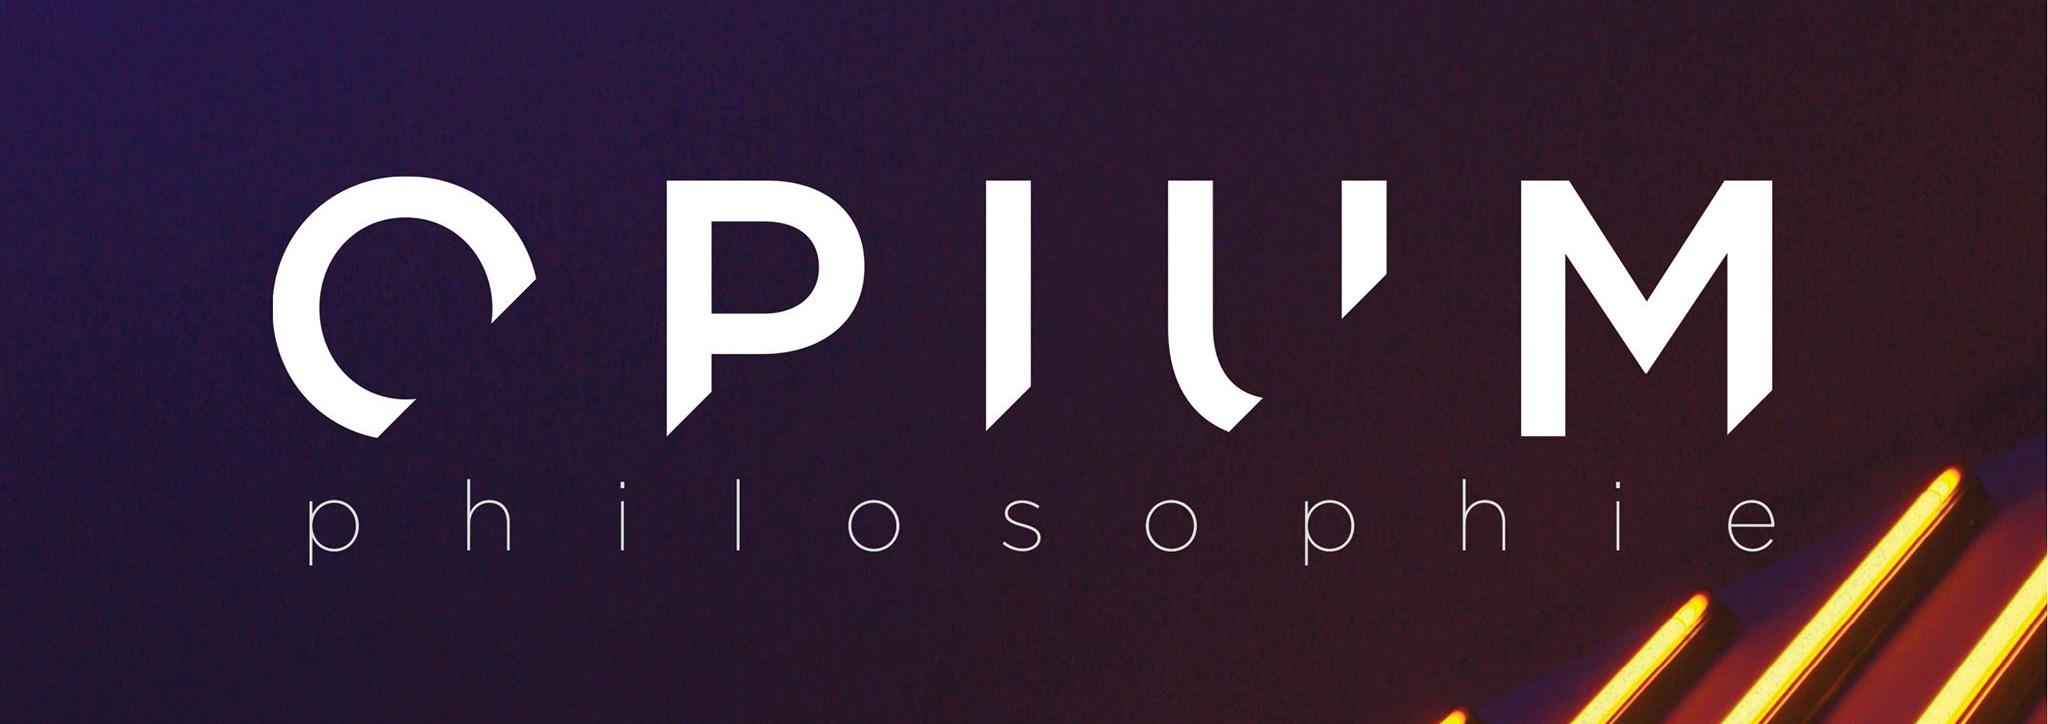 Opium philosophie cover